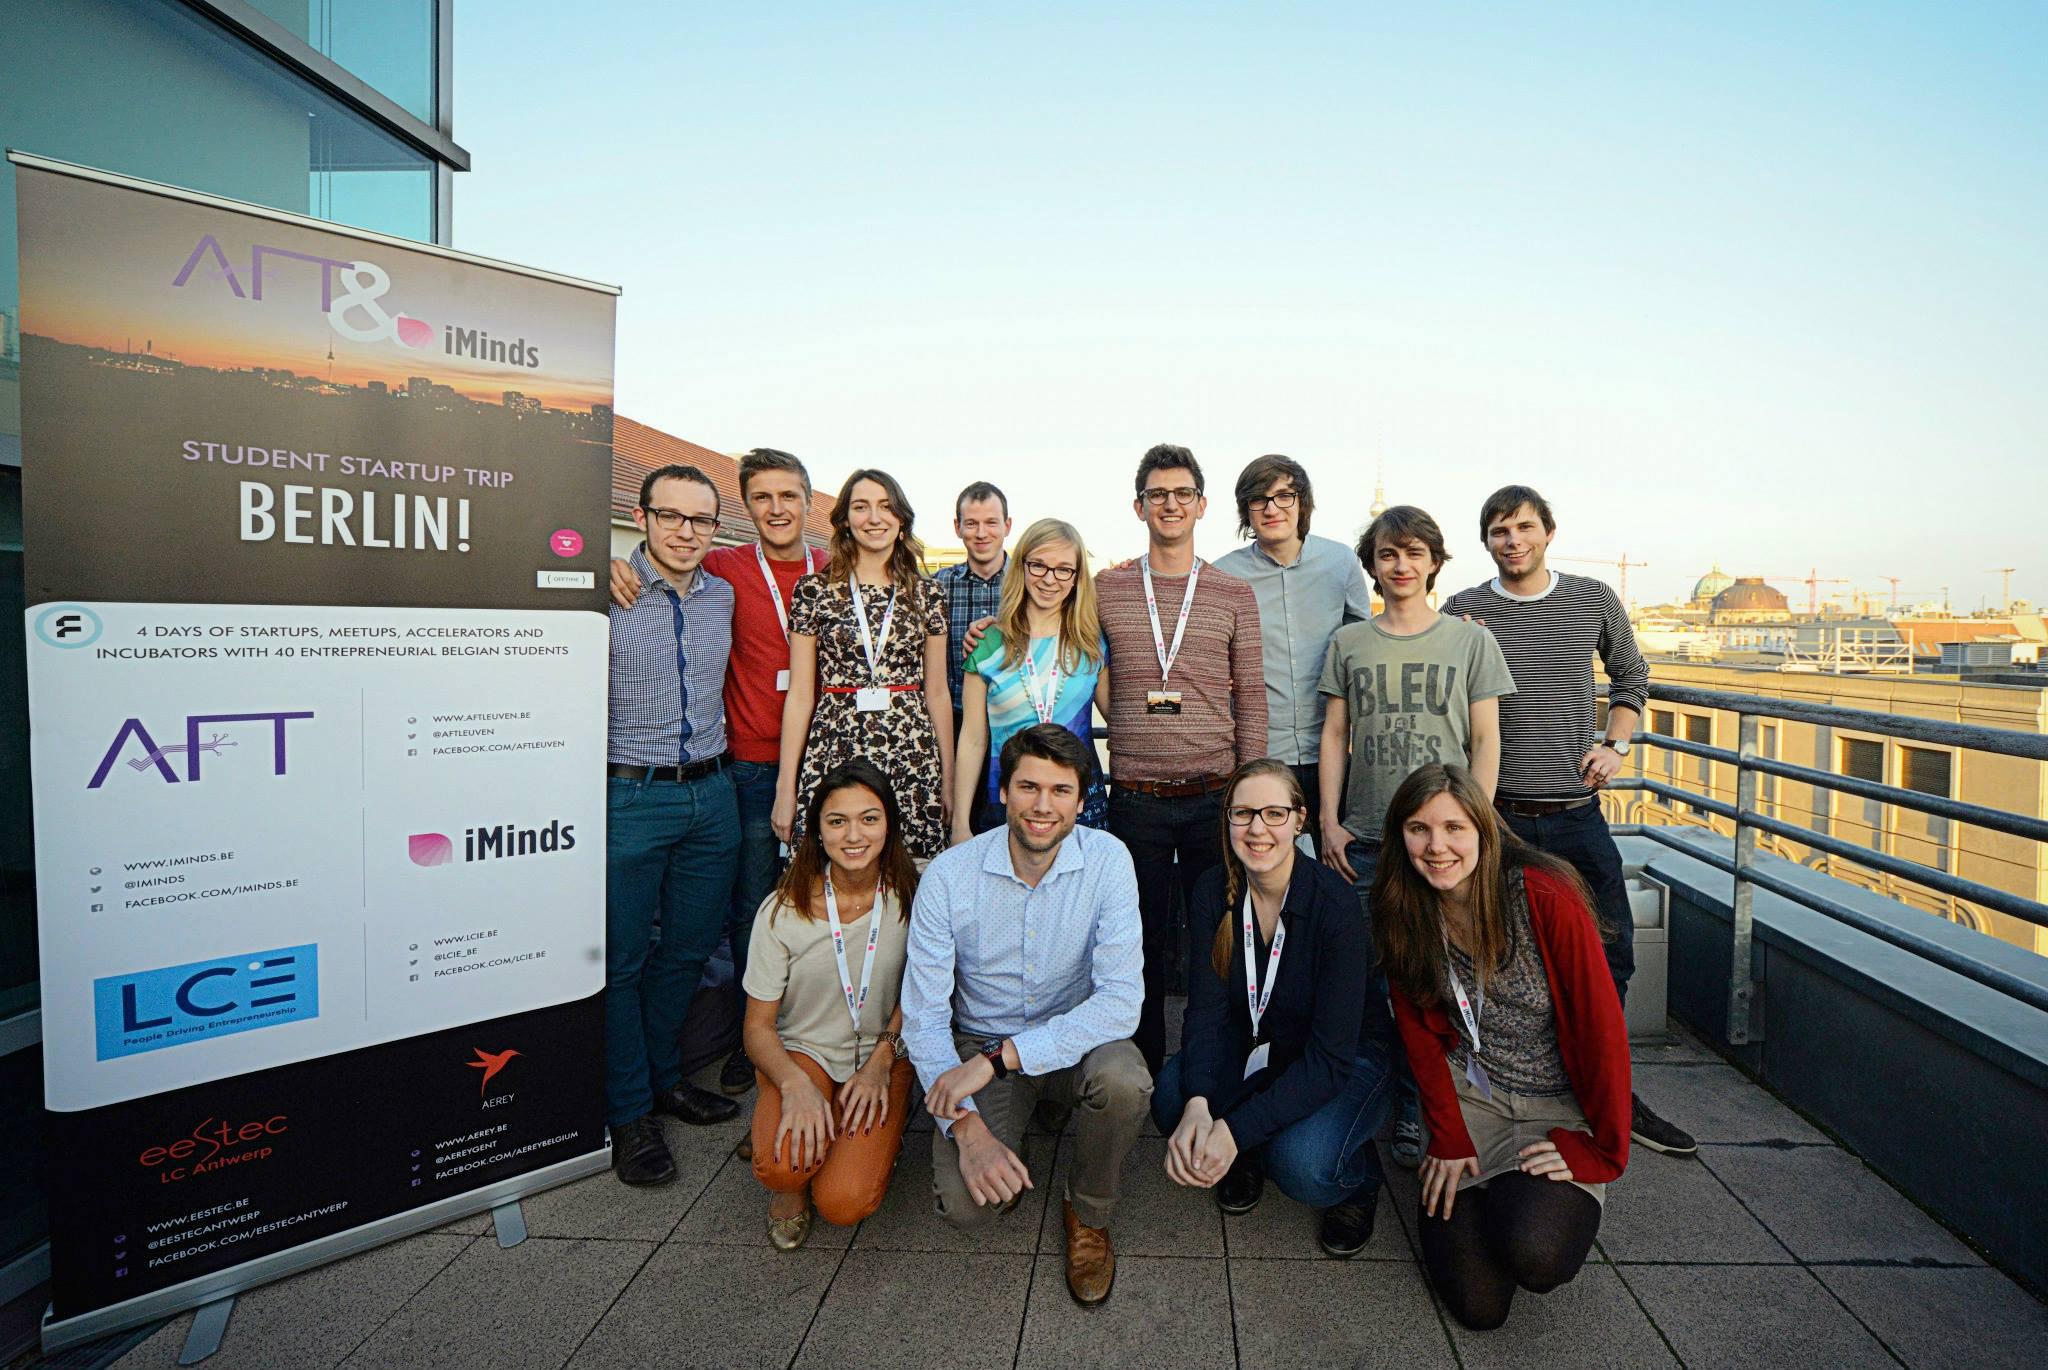 Student Startup Trip Berlijn 2015